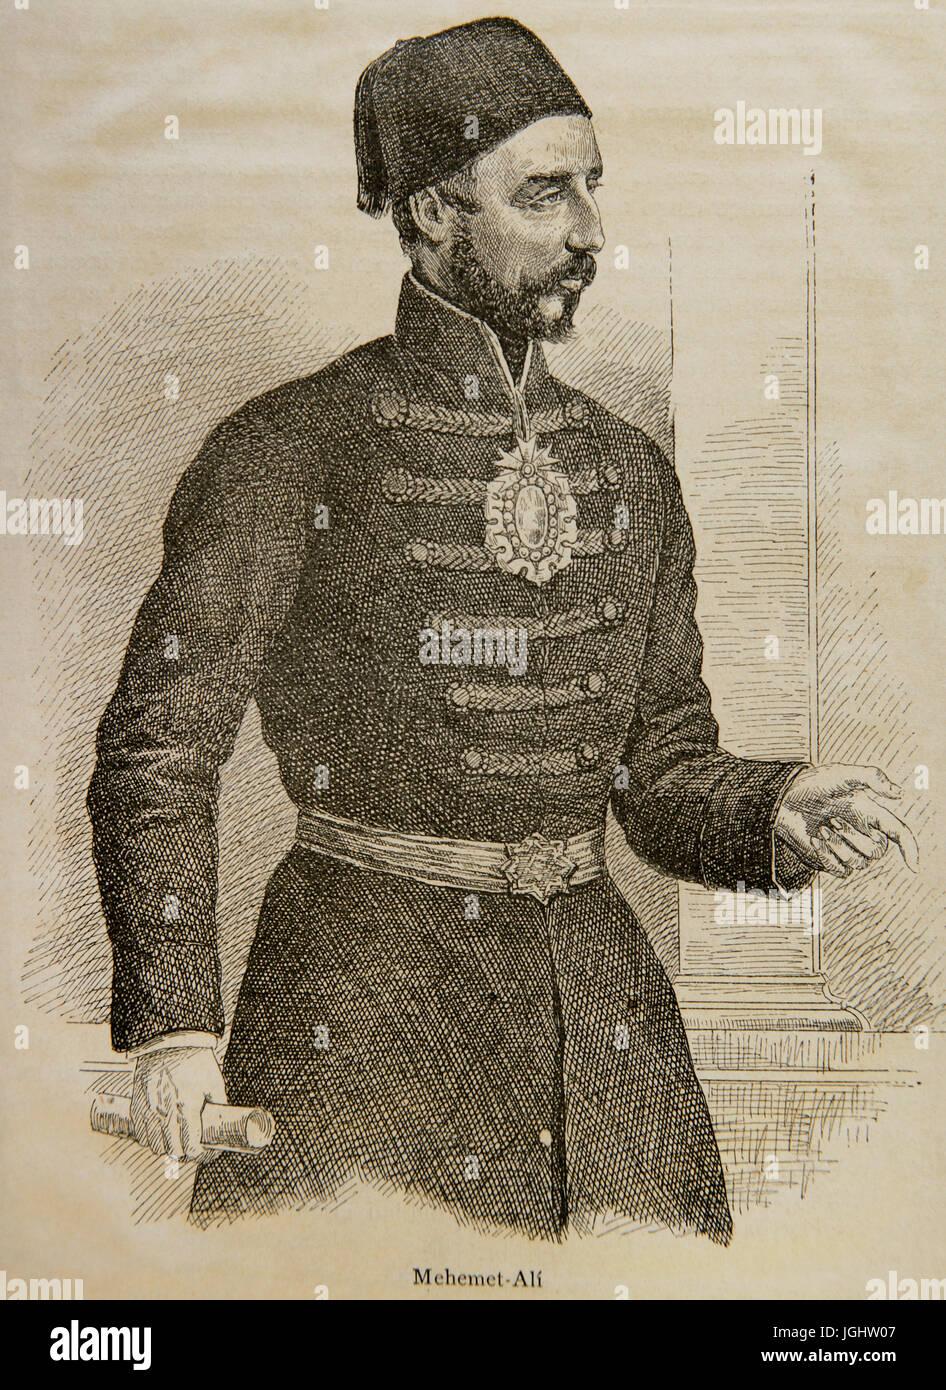 Muhammad Ali d'Egitto (1769-1849). Ottomano comandante albanese. Incisione nella storia universale, 1881. Immagini Stock